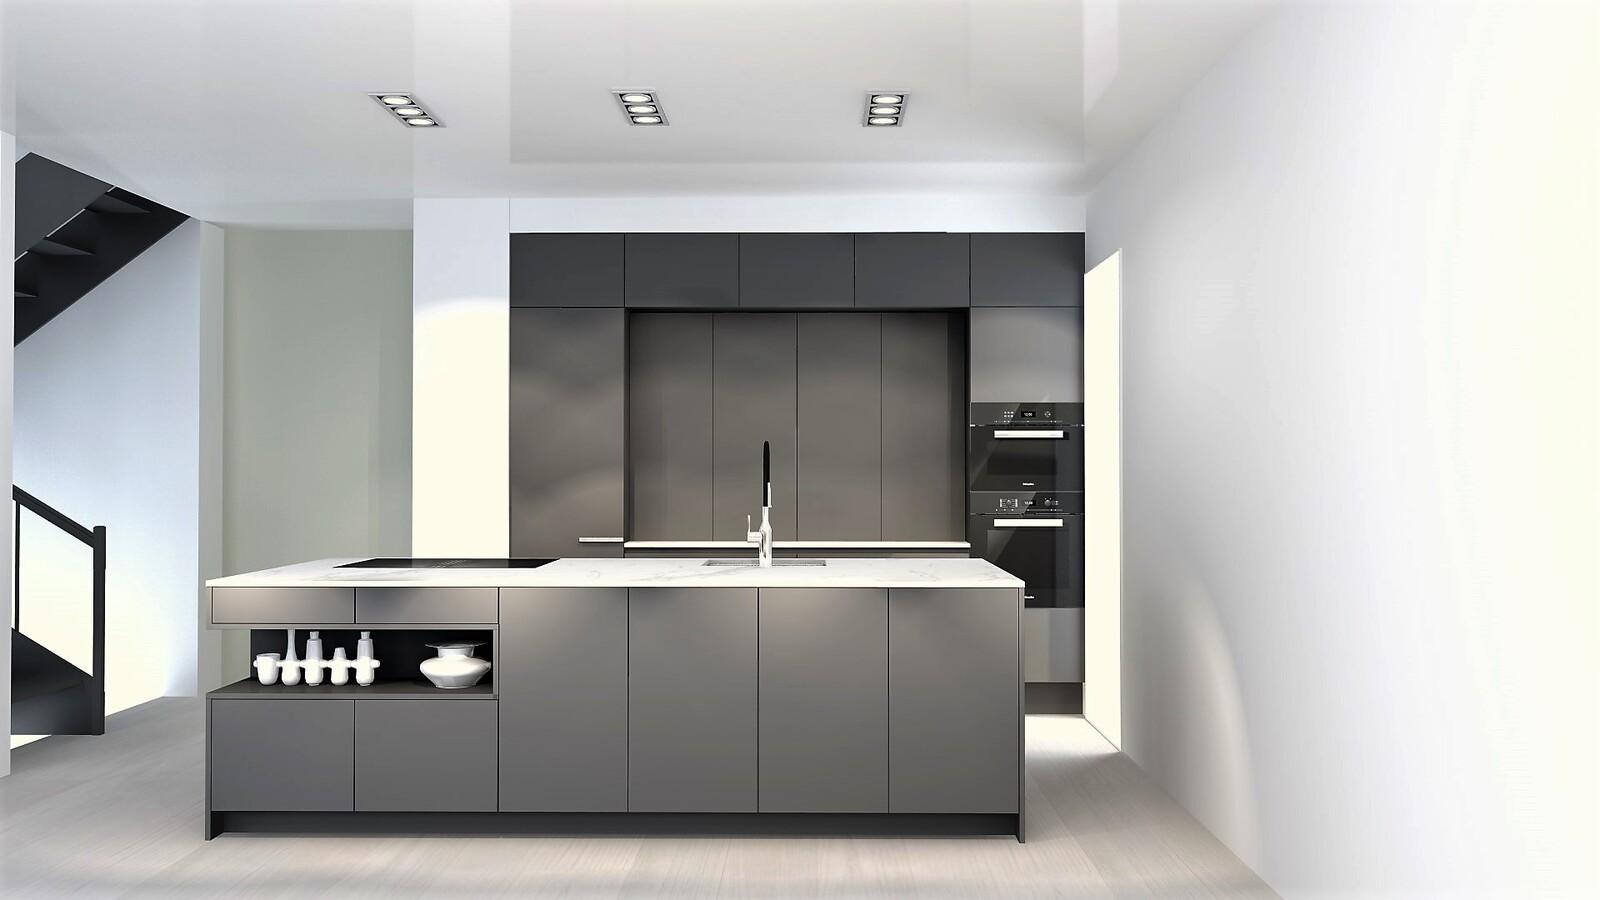 Poggenpohlin keittiö on graafisen tyylikäs. Ostaja voi valita keittiönsä monista vaihtoehdoista. title=